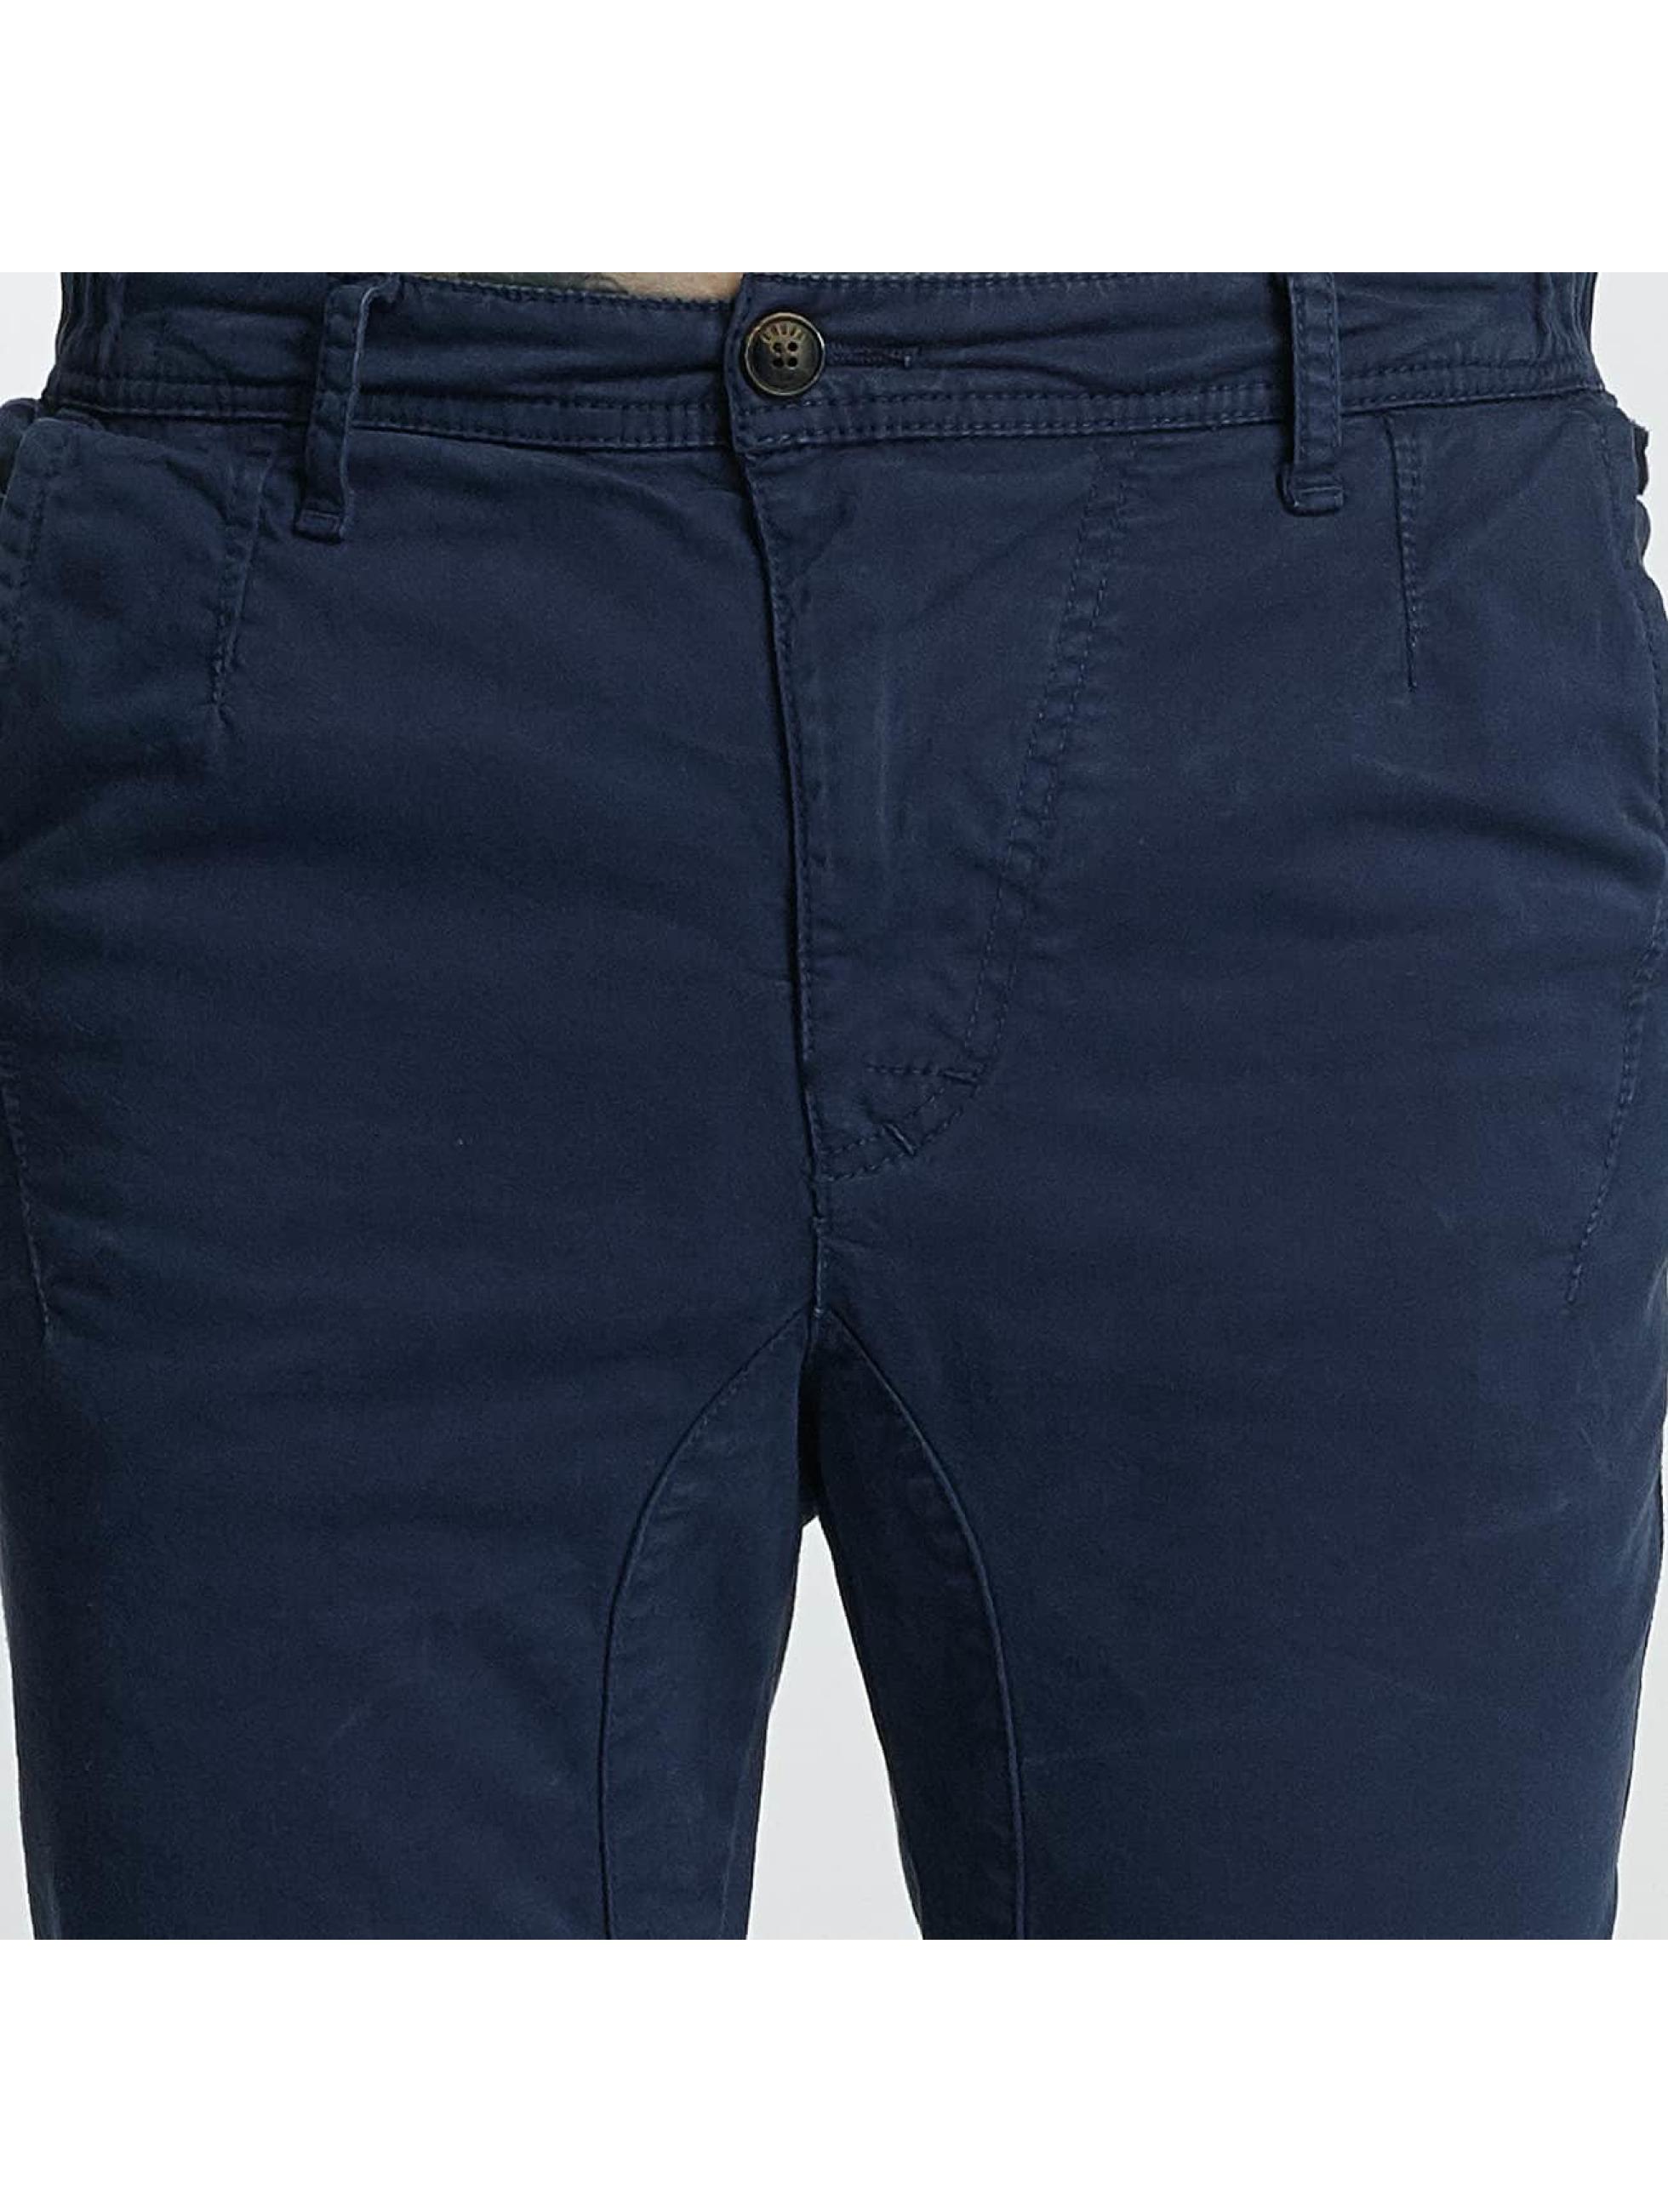 Khujo Pantalon chino Bradley bleu